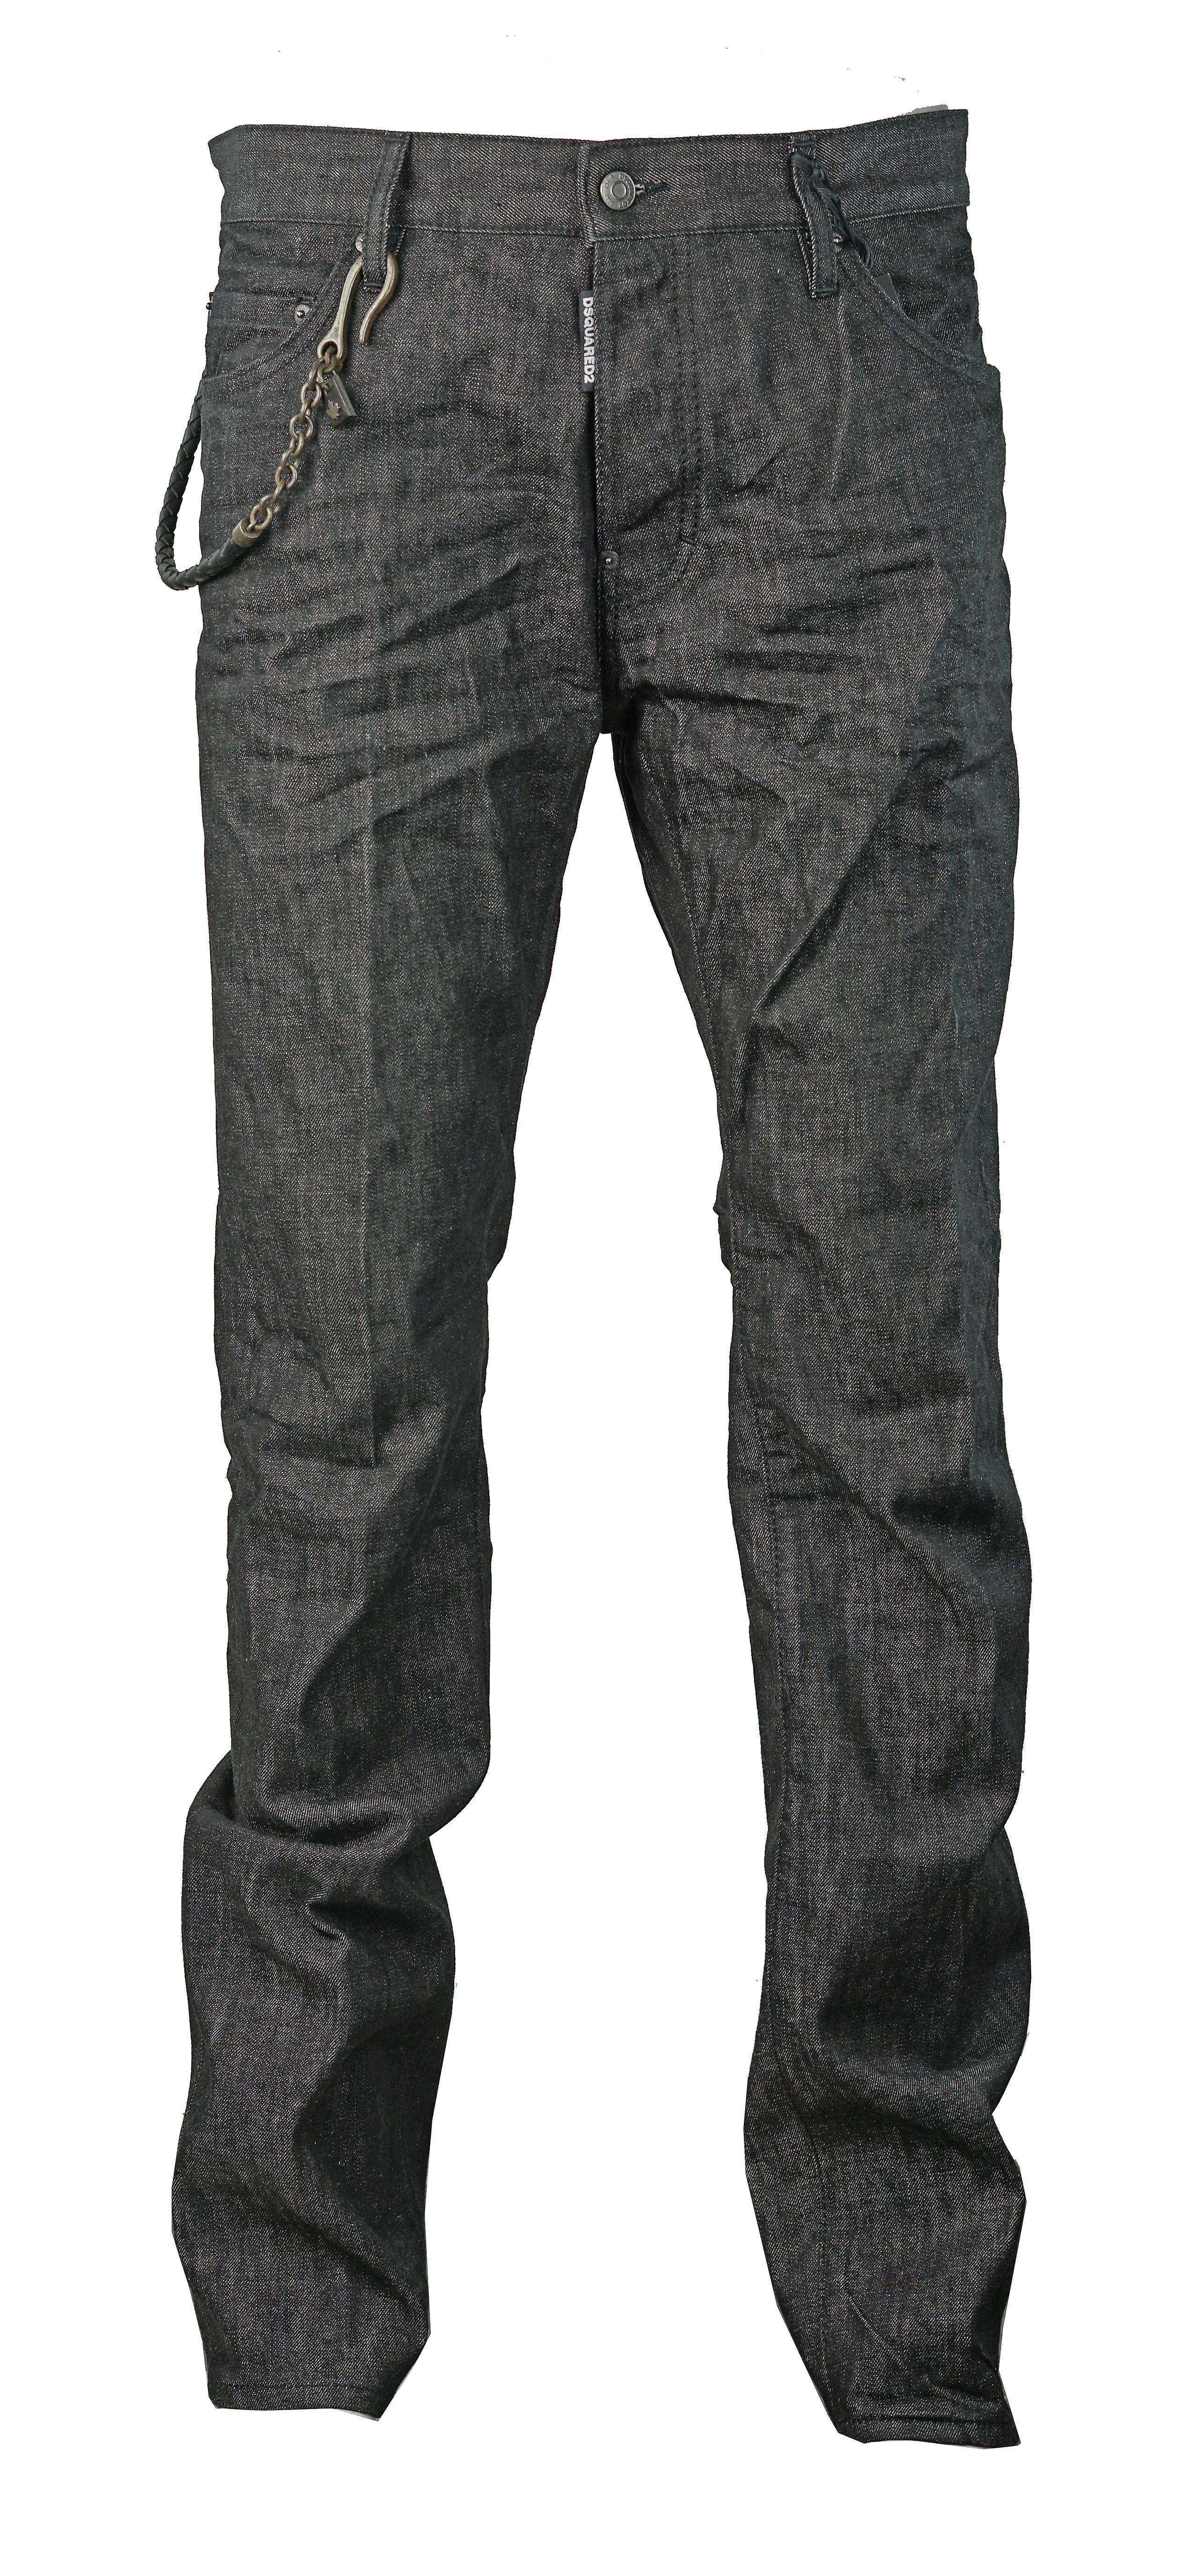 DSquared2 Dean Jean S71LA0841 S30491 900 jeans